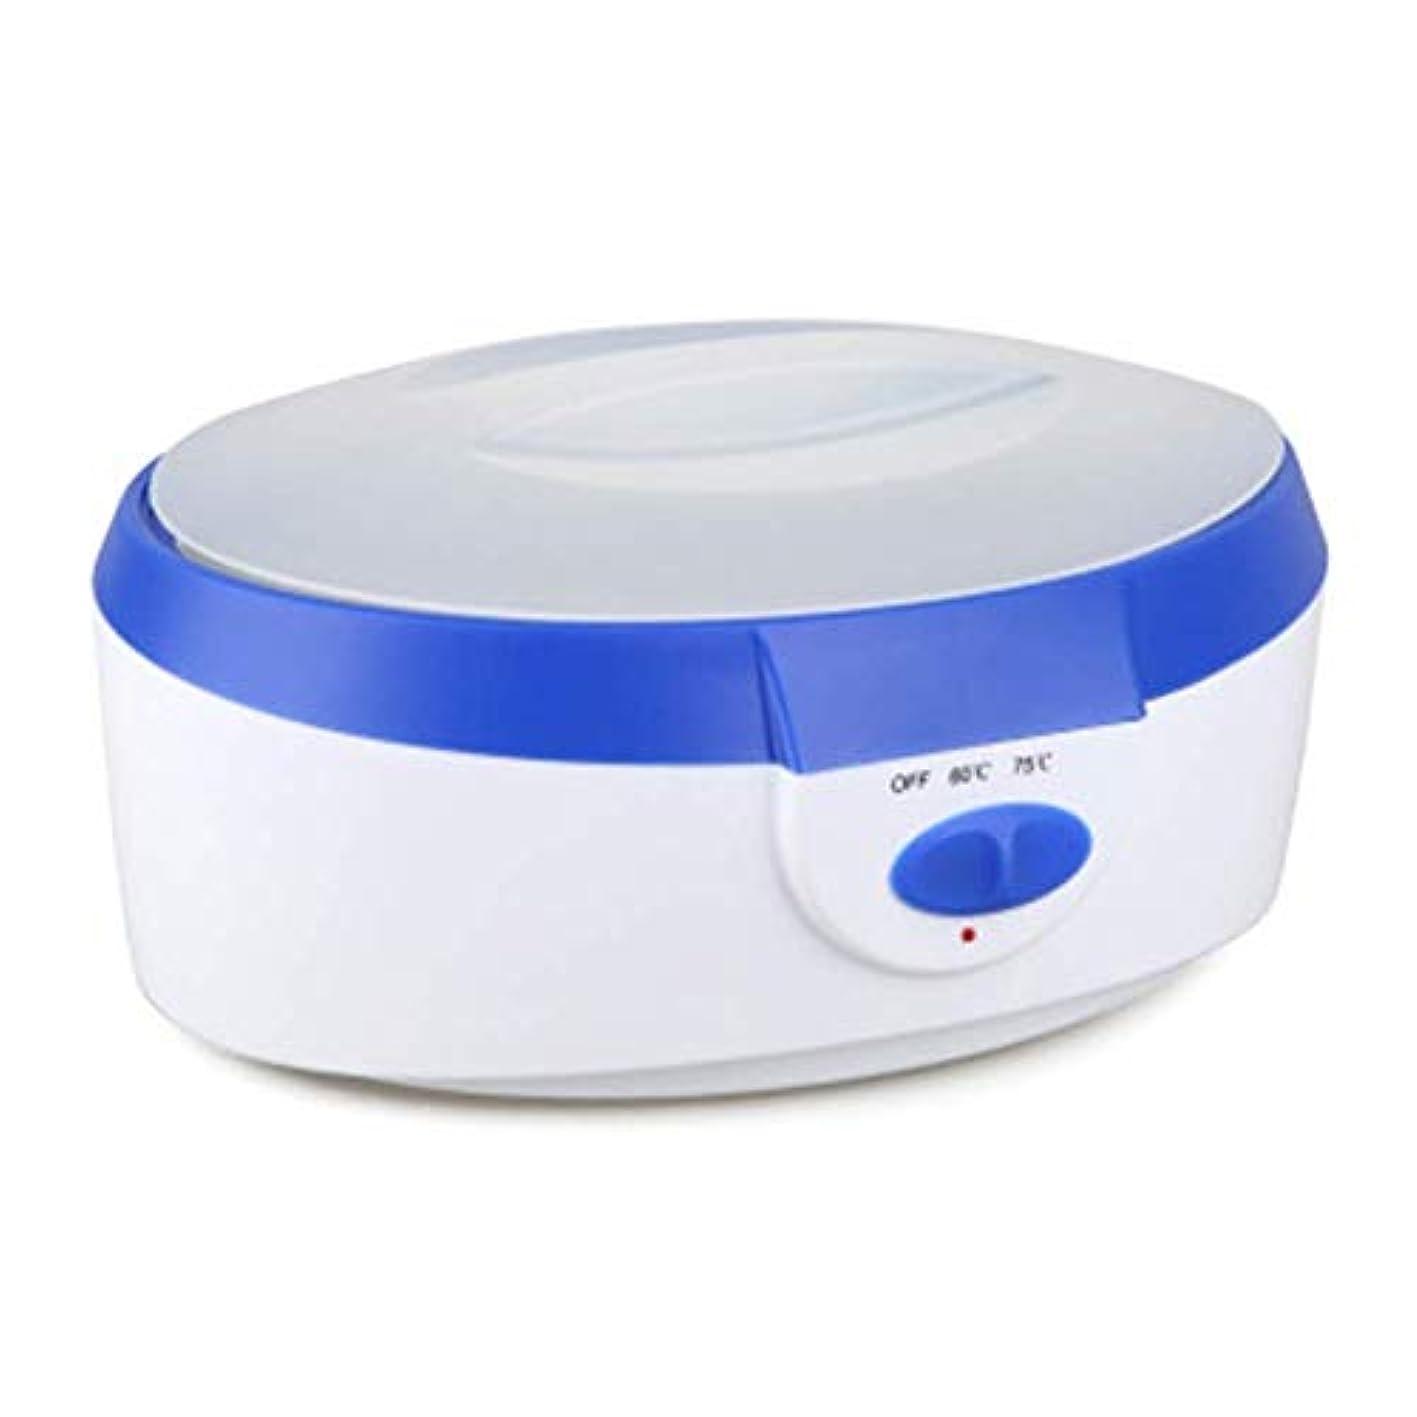 追い払う大いに移住する可変温度とウォーマーと内蔵サーモ安全制御脱毛脱毛のためのすべてのワックスタイプのコンテナのワックスウォーマー、プロフェッショナル電気ワックスヒーター (Color : Blue)